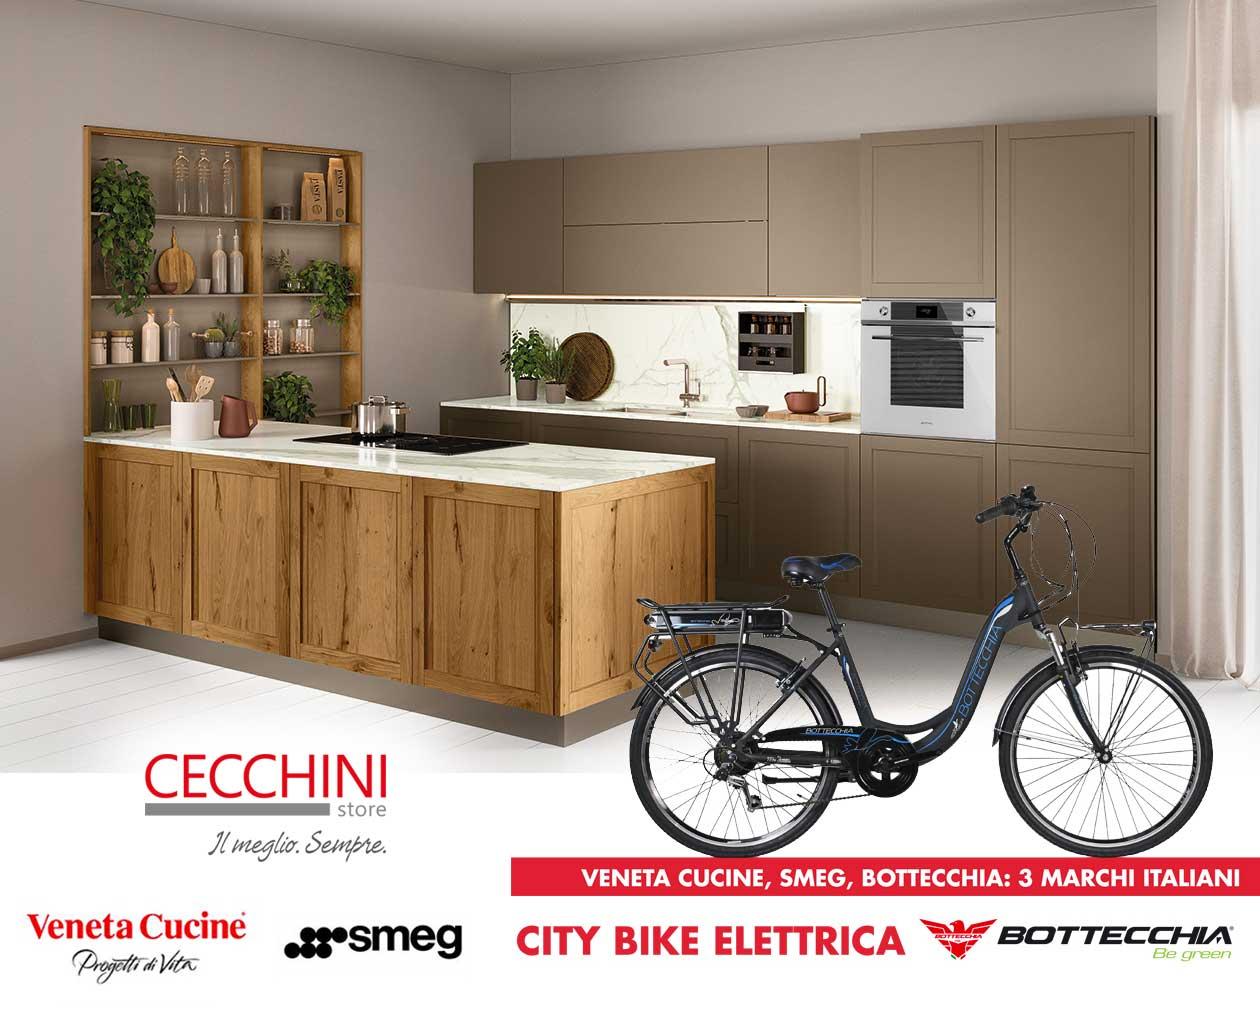 Promozione City Bike 2019